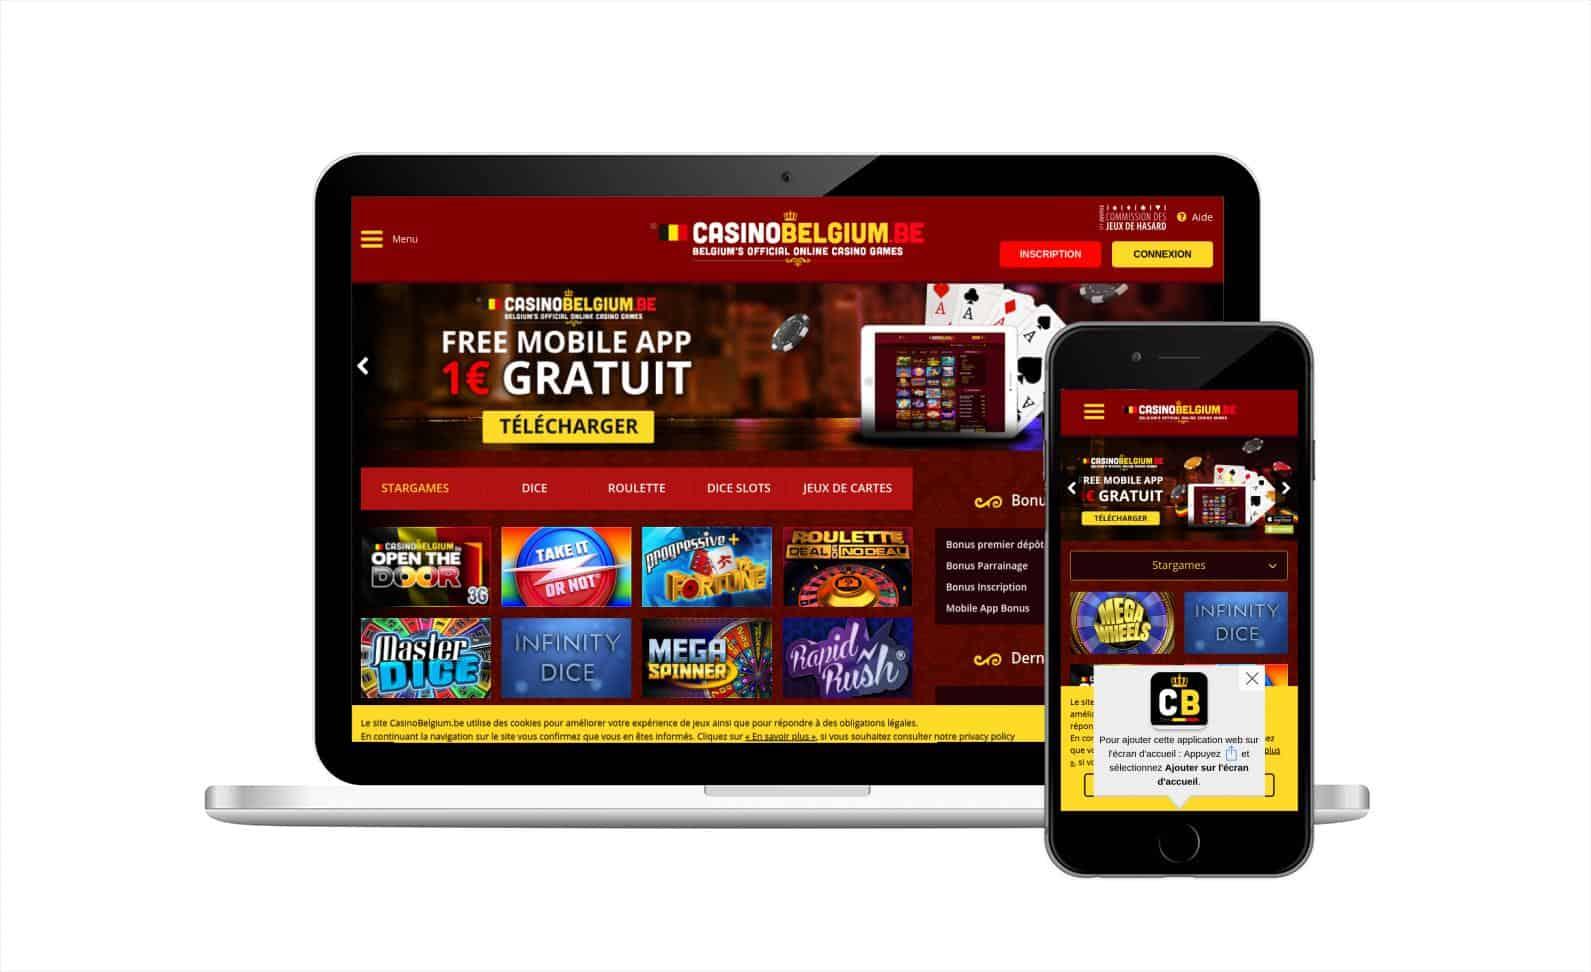 Casino Belgium